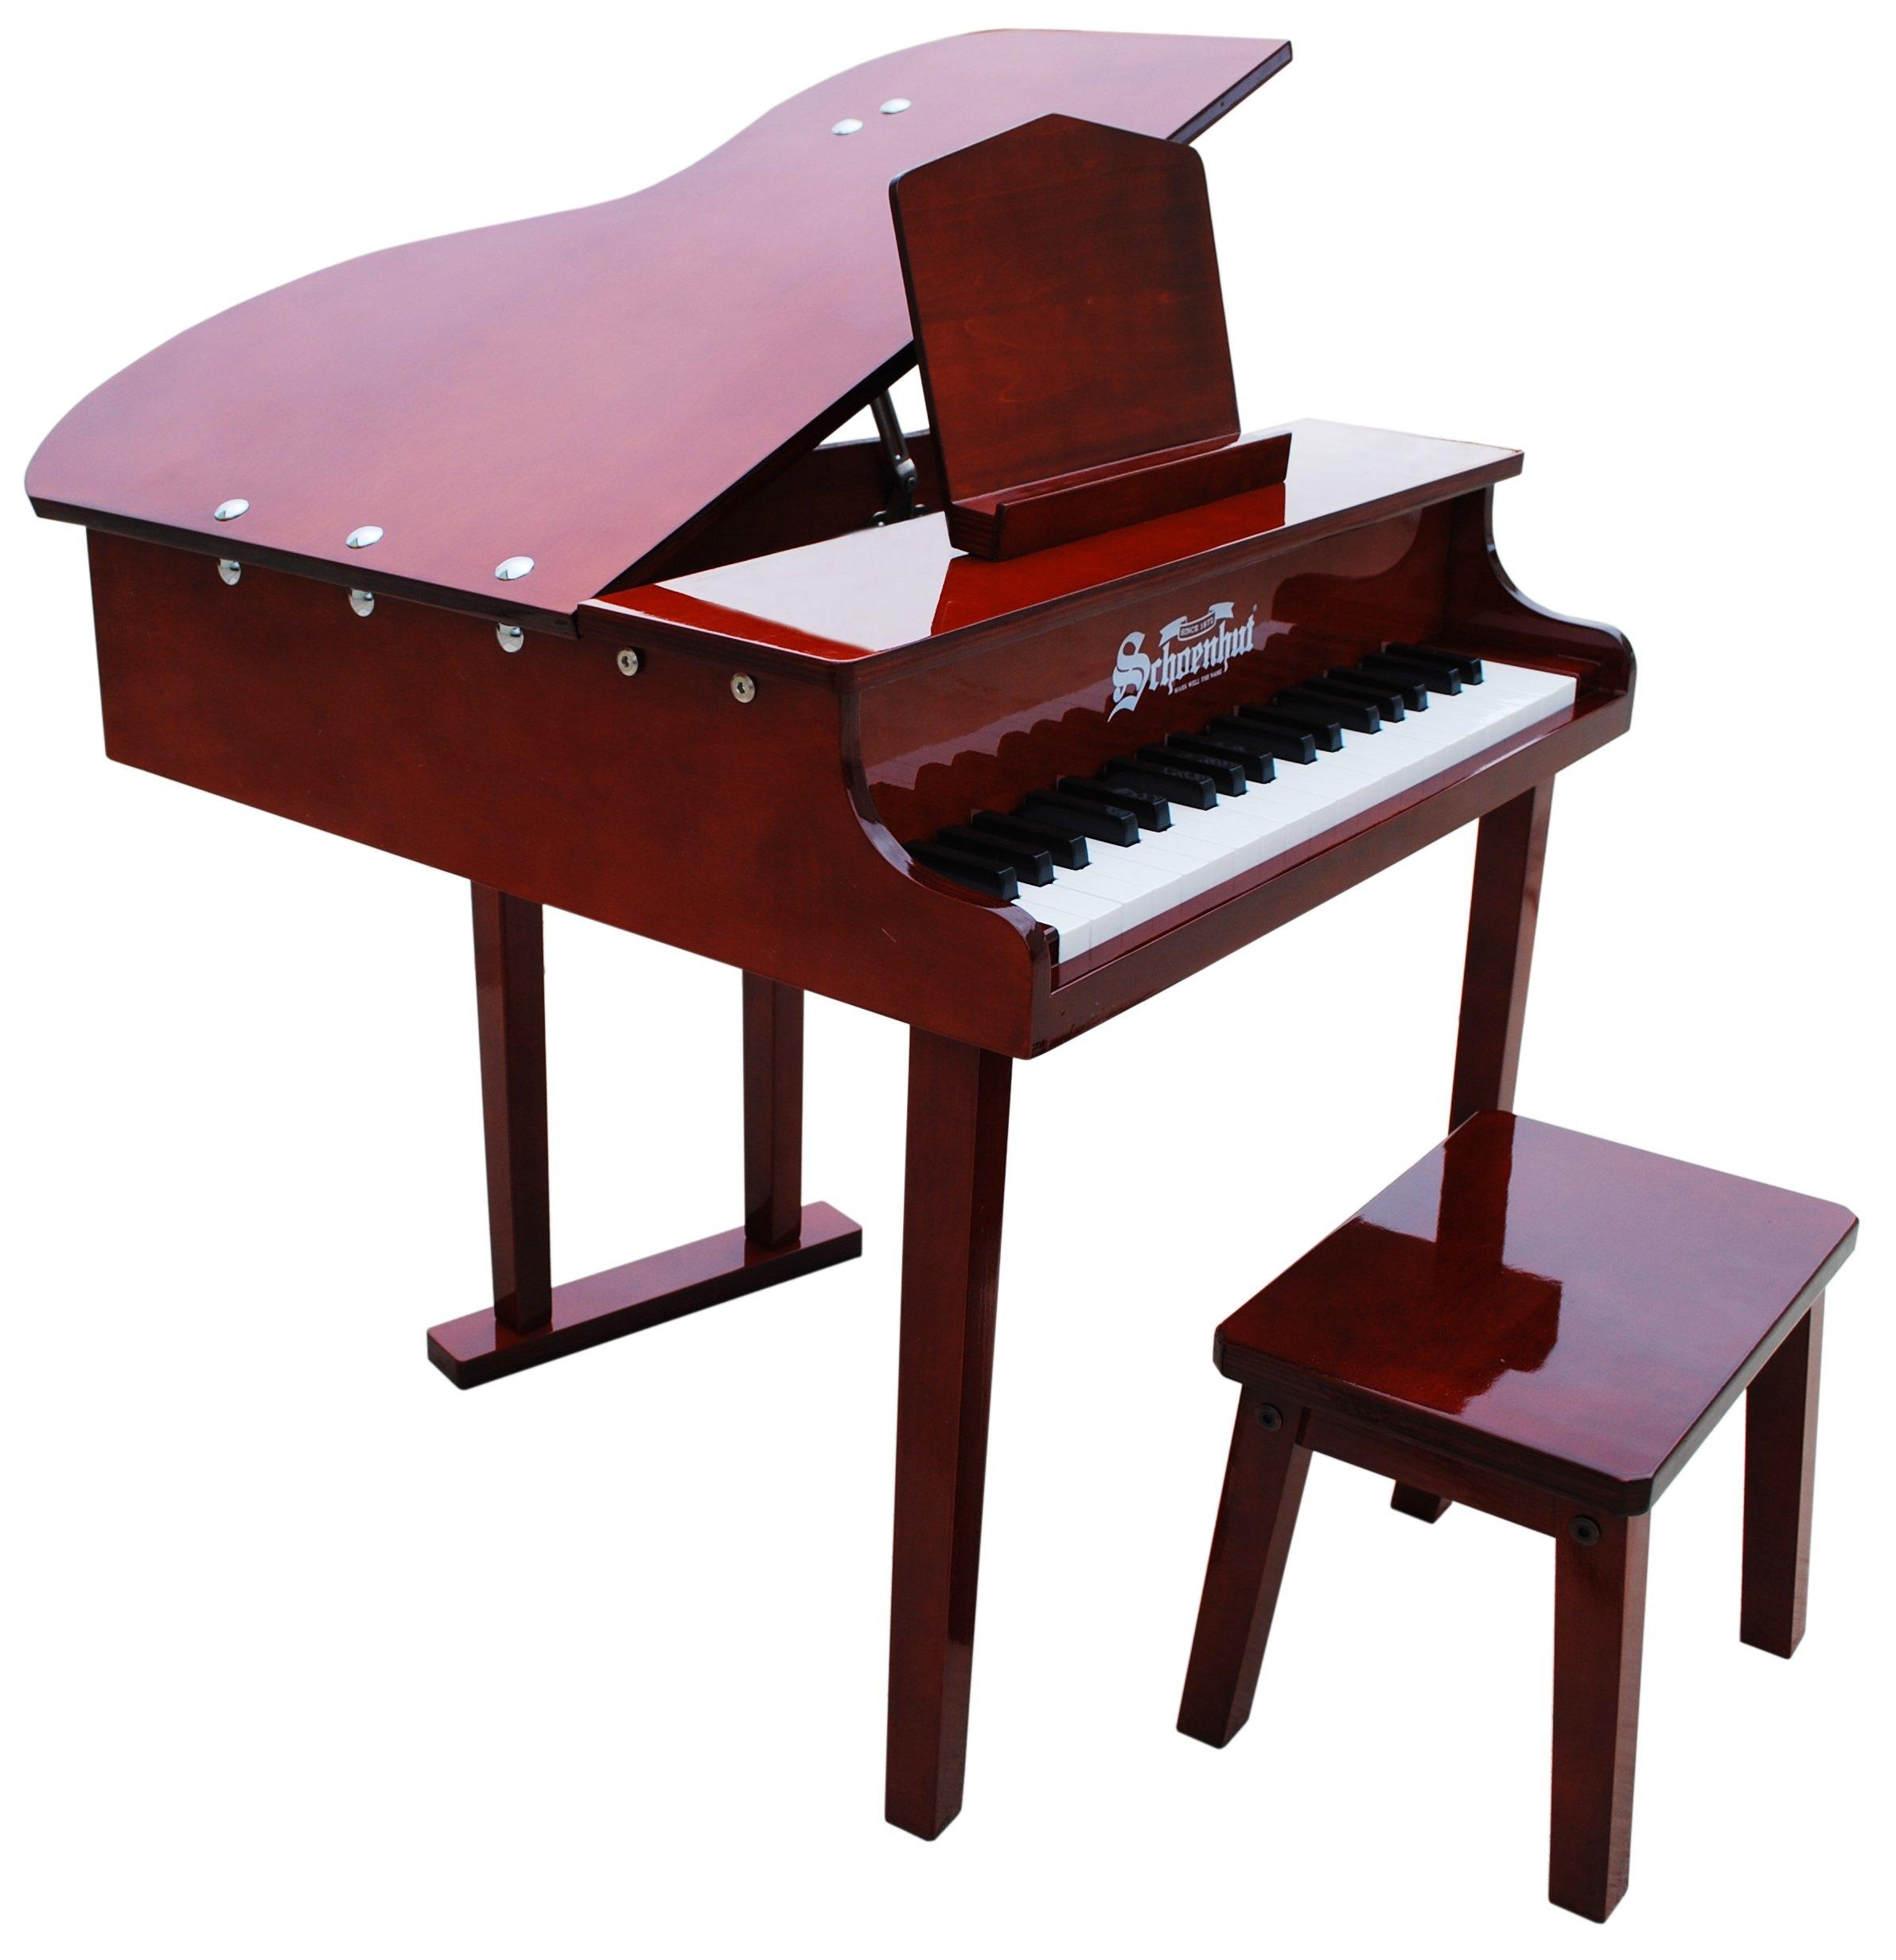 Schoenhut 37 Key Concert Grand Piano, Mahogany by Schoenhut